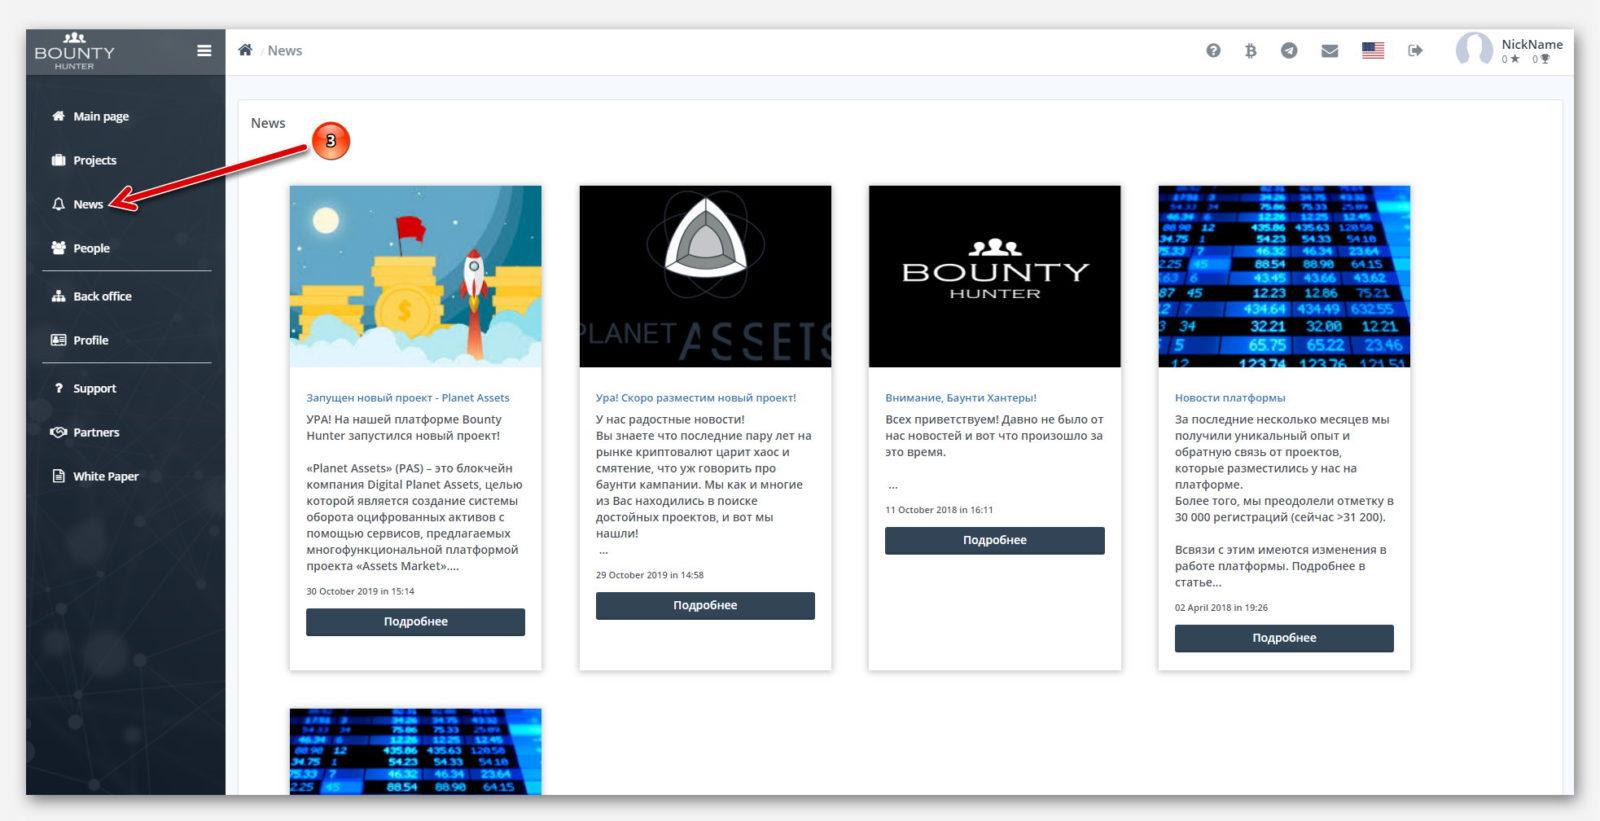 Раздел новостей, на платформе BountyHunter